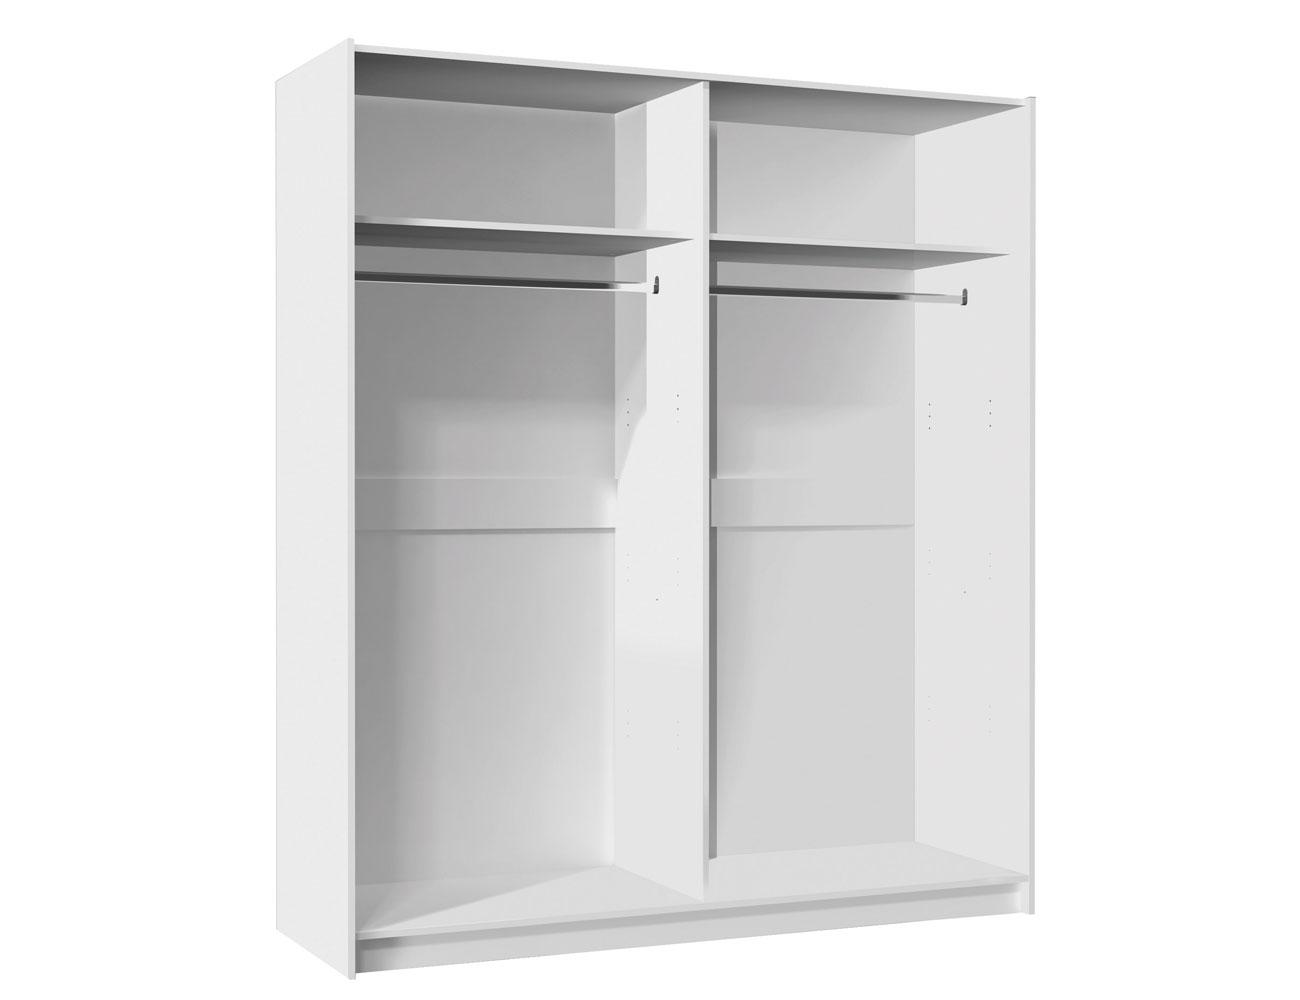 Armario puertas correderas blanco 150 cm de ancho factory del mueble utrera - Armario blanco puertas correderas ...